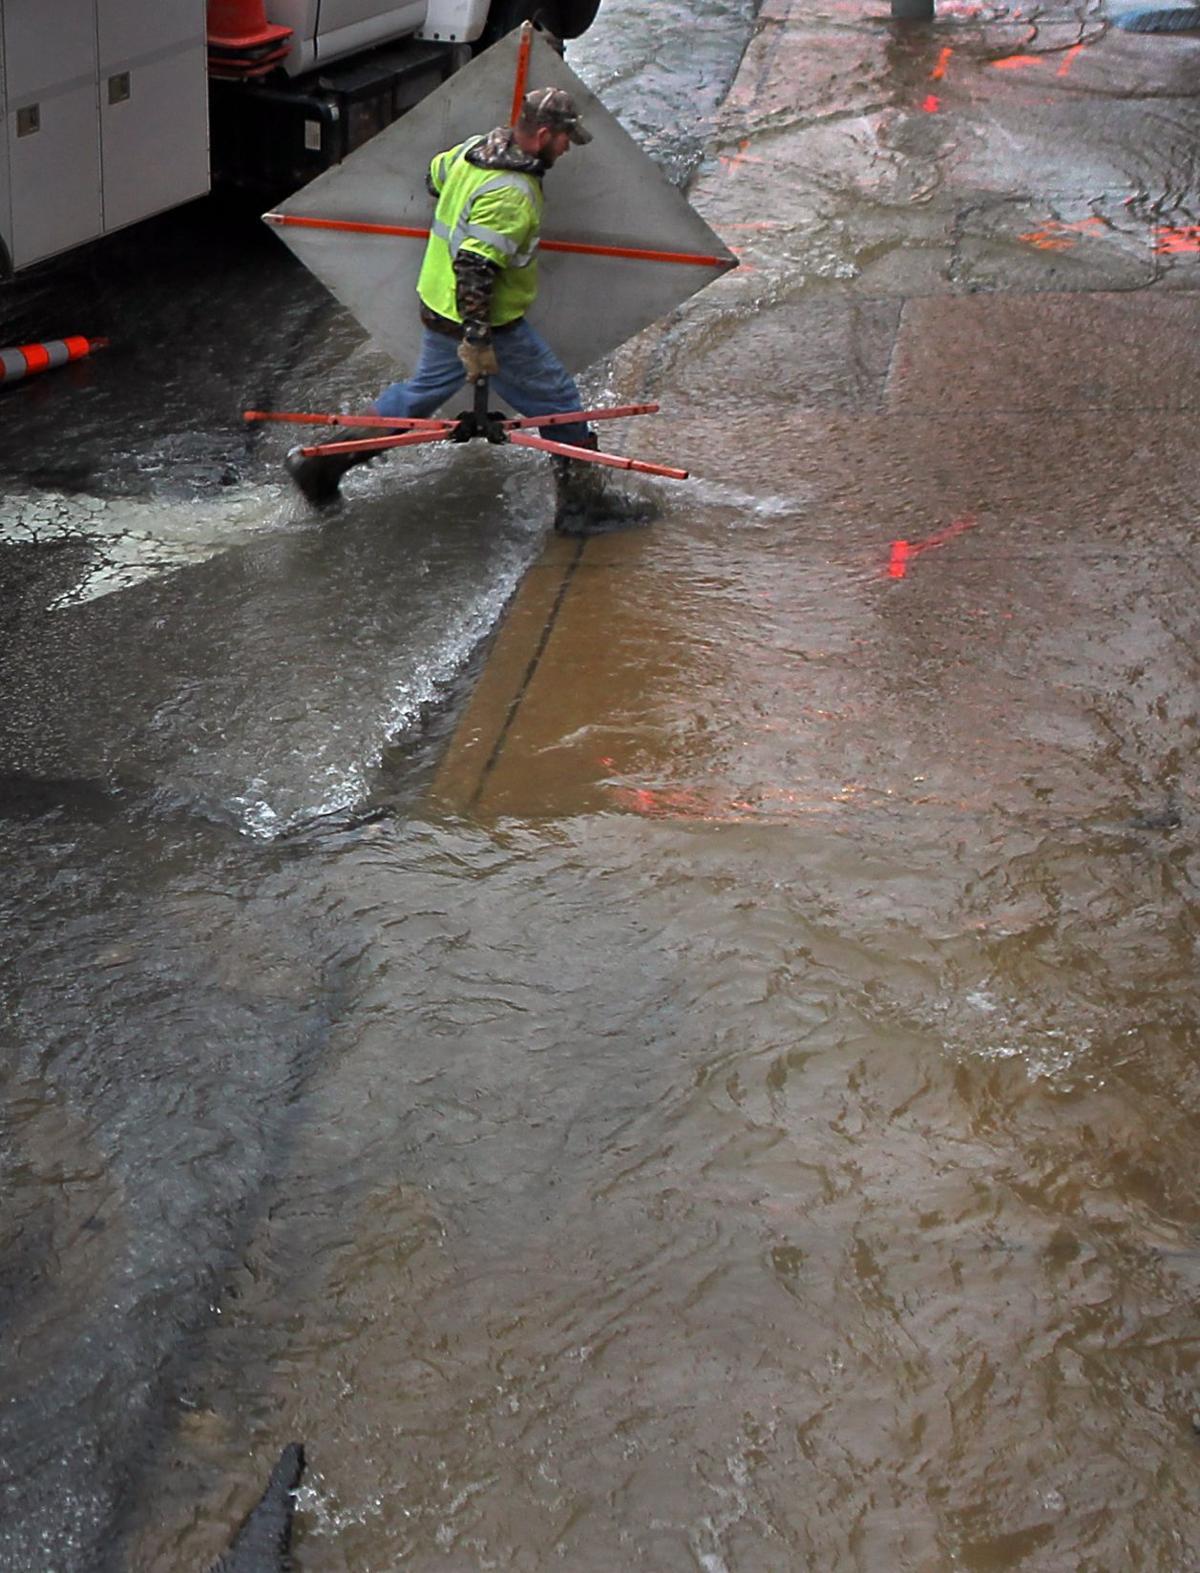 Clayton water main break closes part of Hanley Road